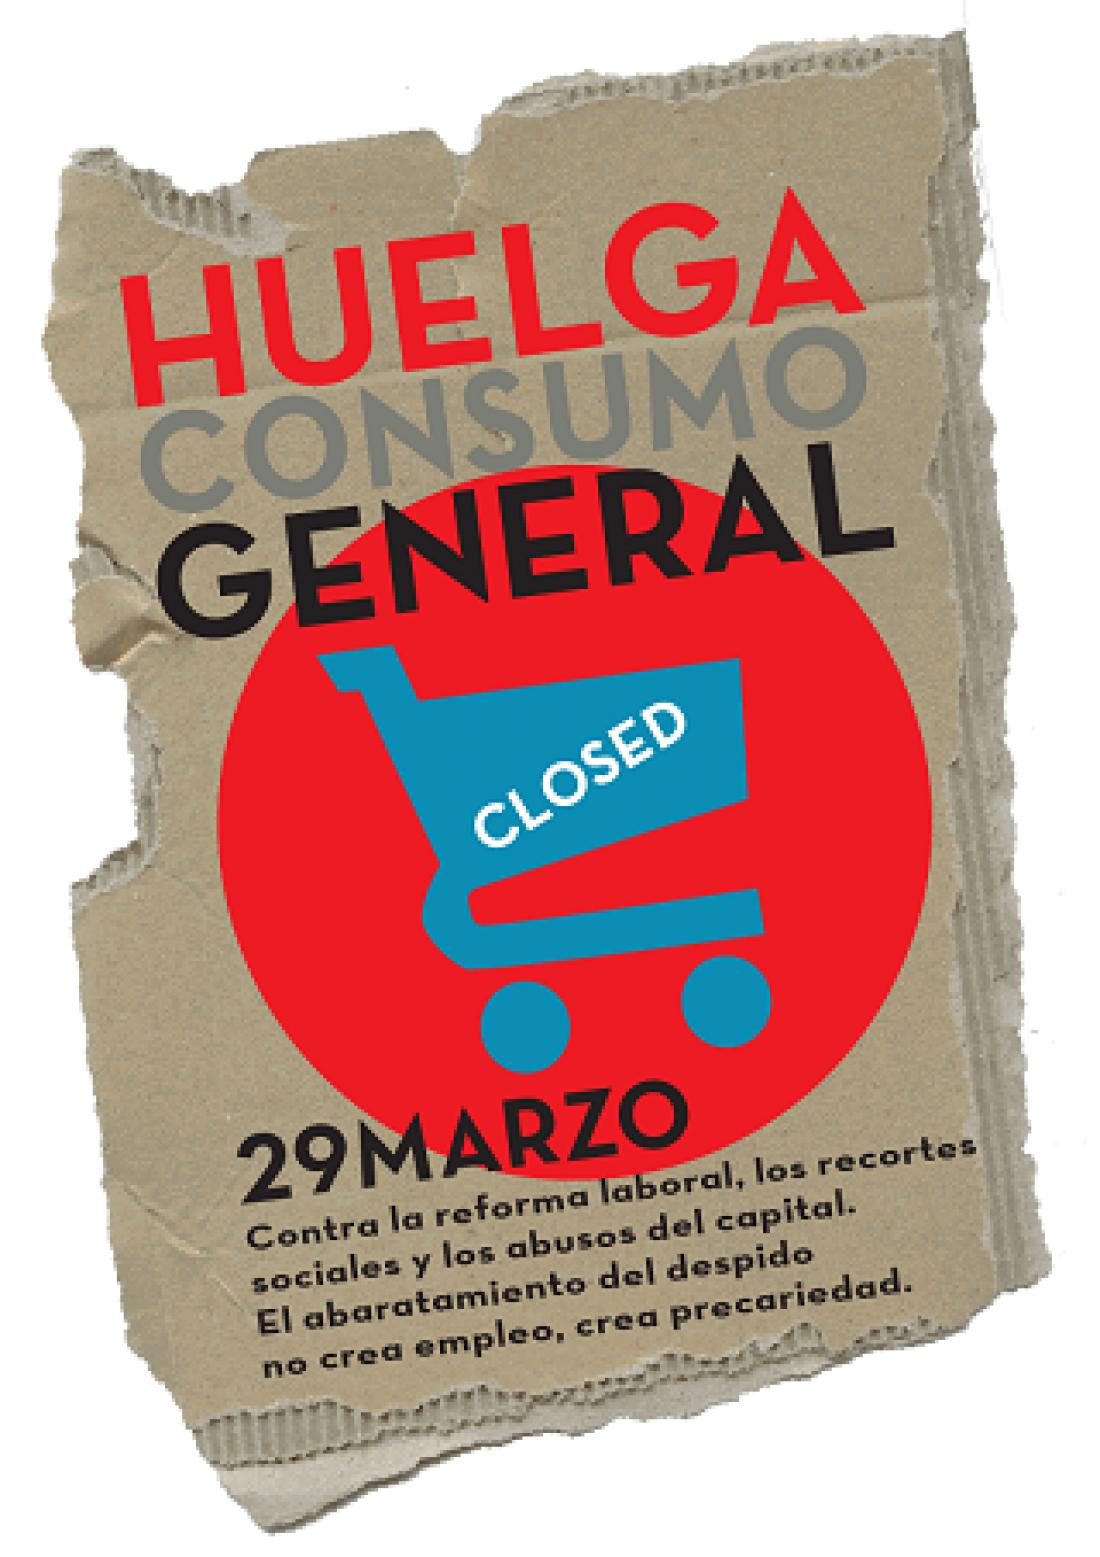 El 29 de marzo… también Huelga de Consumo !